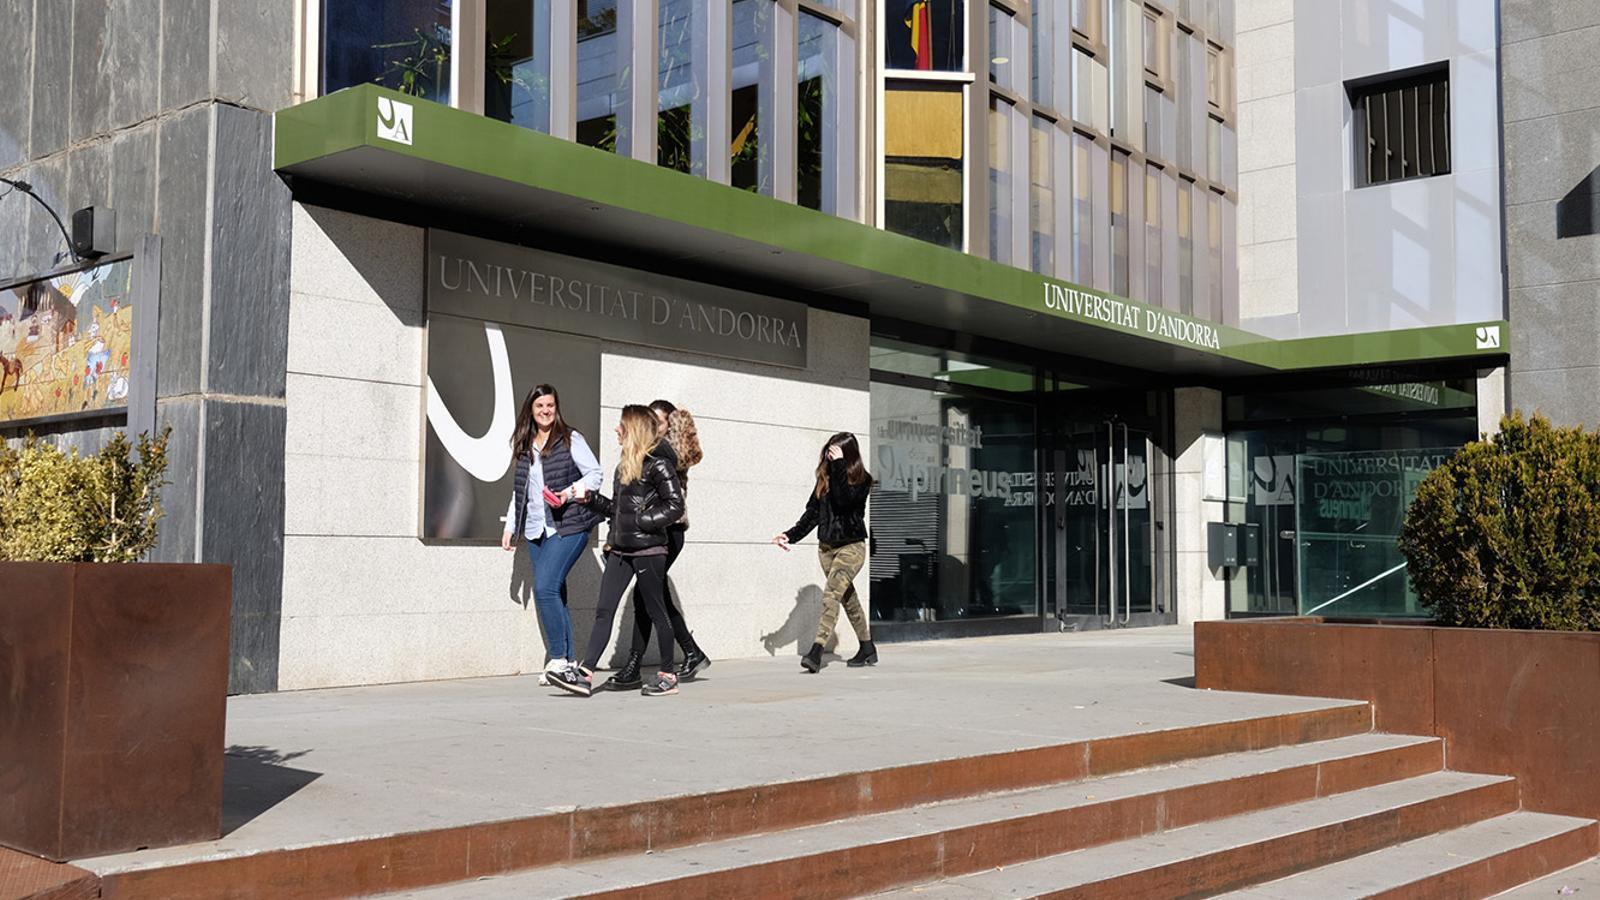 Estudiants davant la Universitat d'Andorra. / UdA